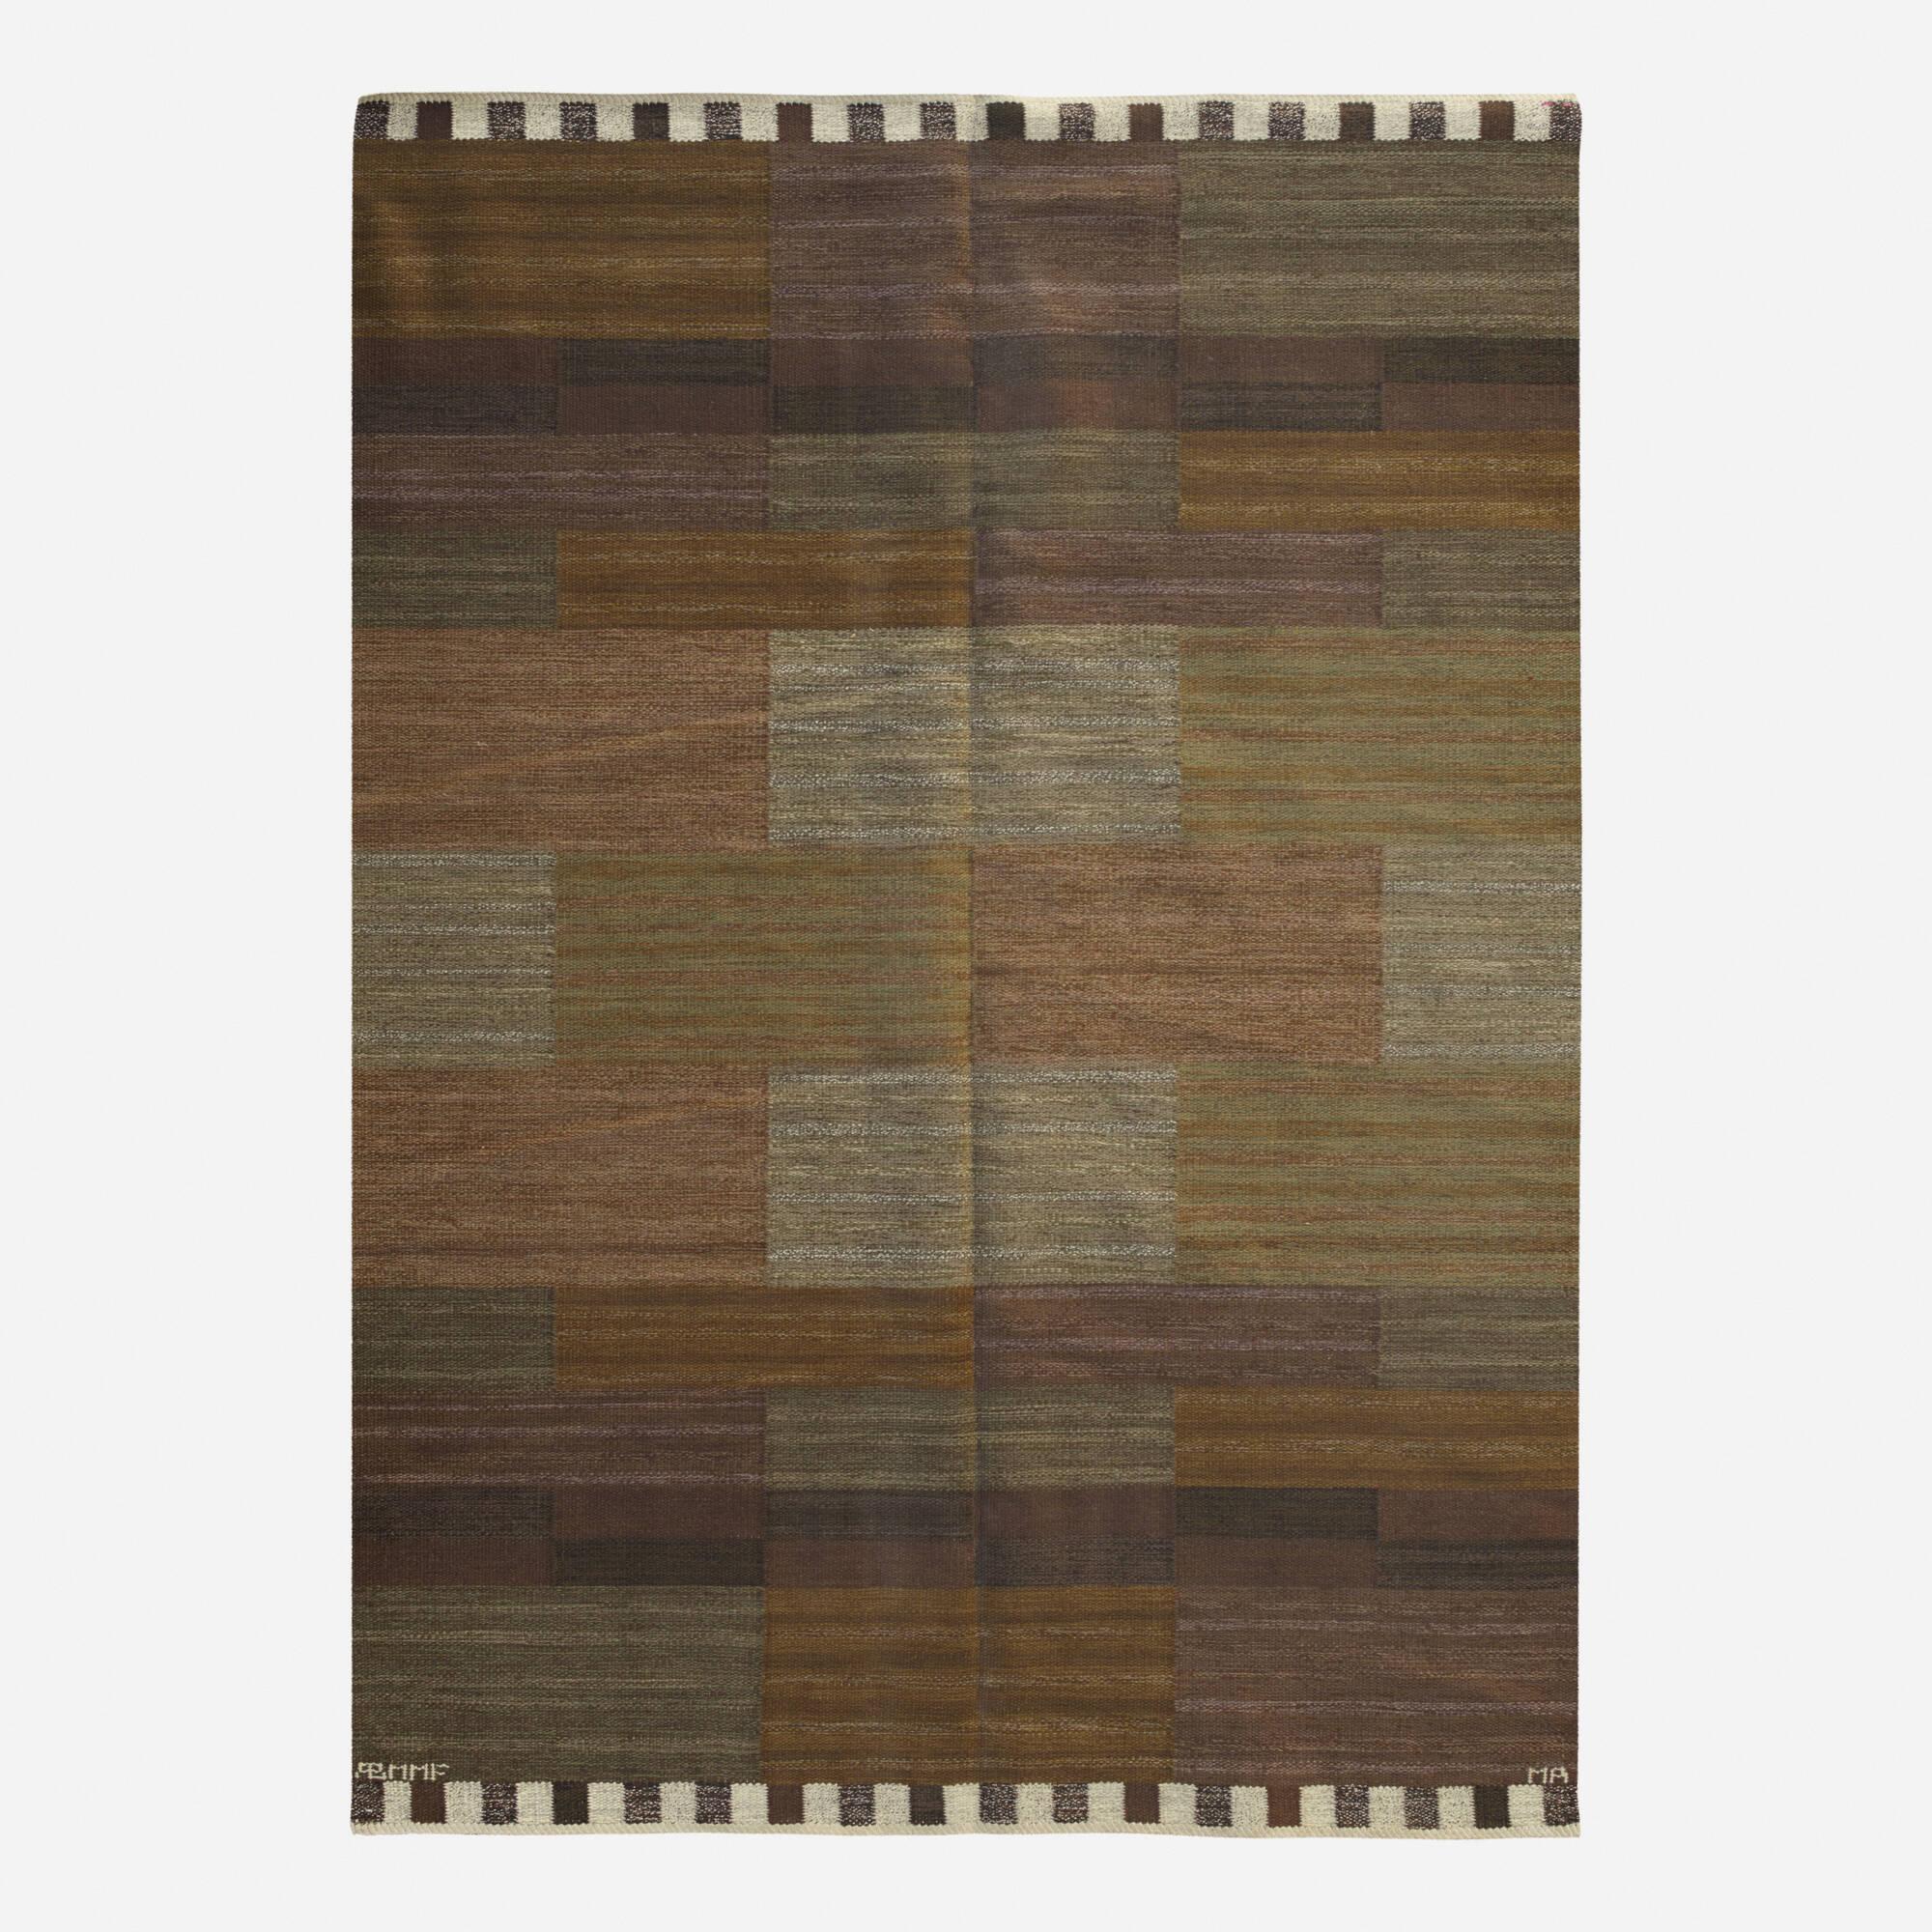 247: Marianne Richter / Muren flatweave carpet (1 of 2)